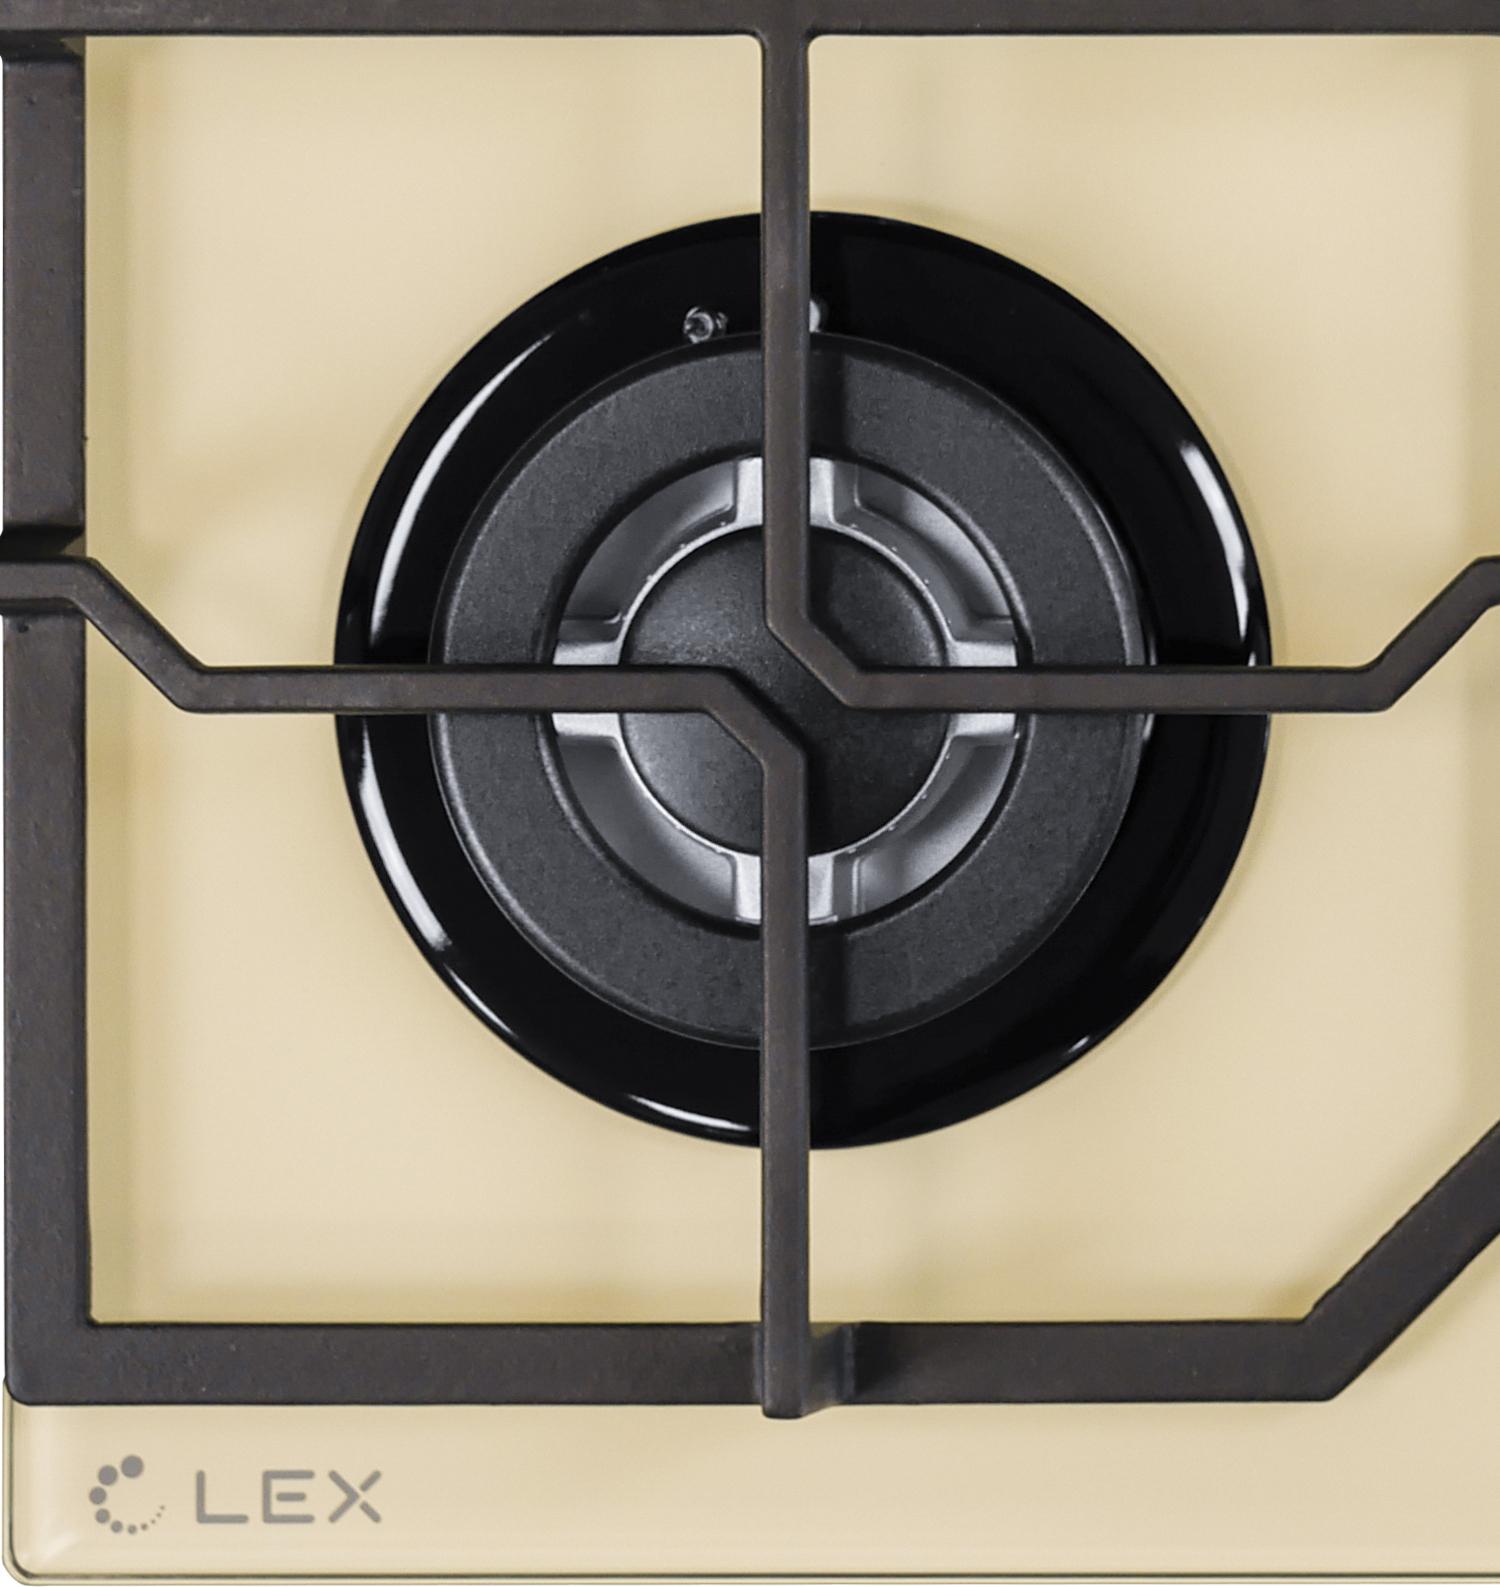 LEX GVG 640-1 IV